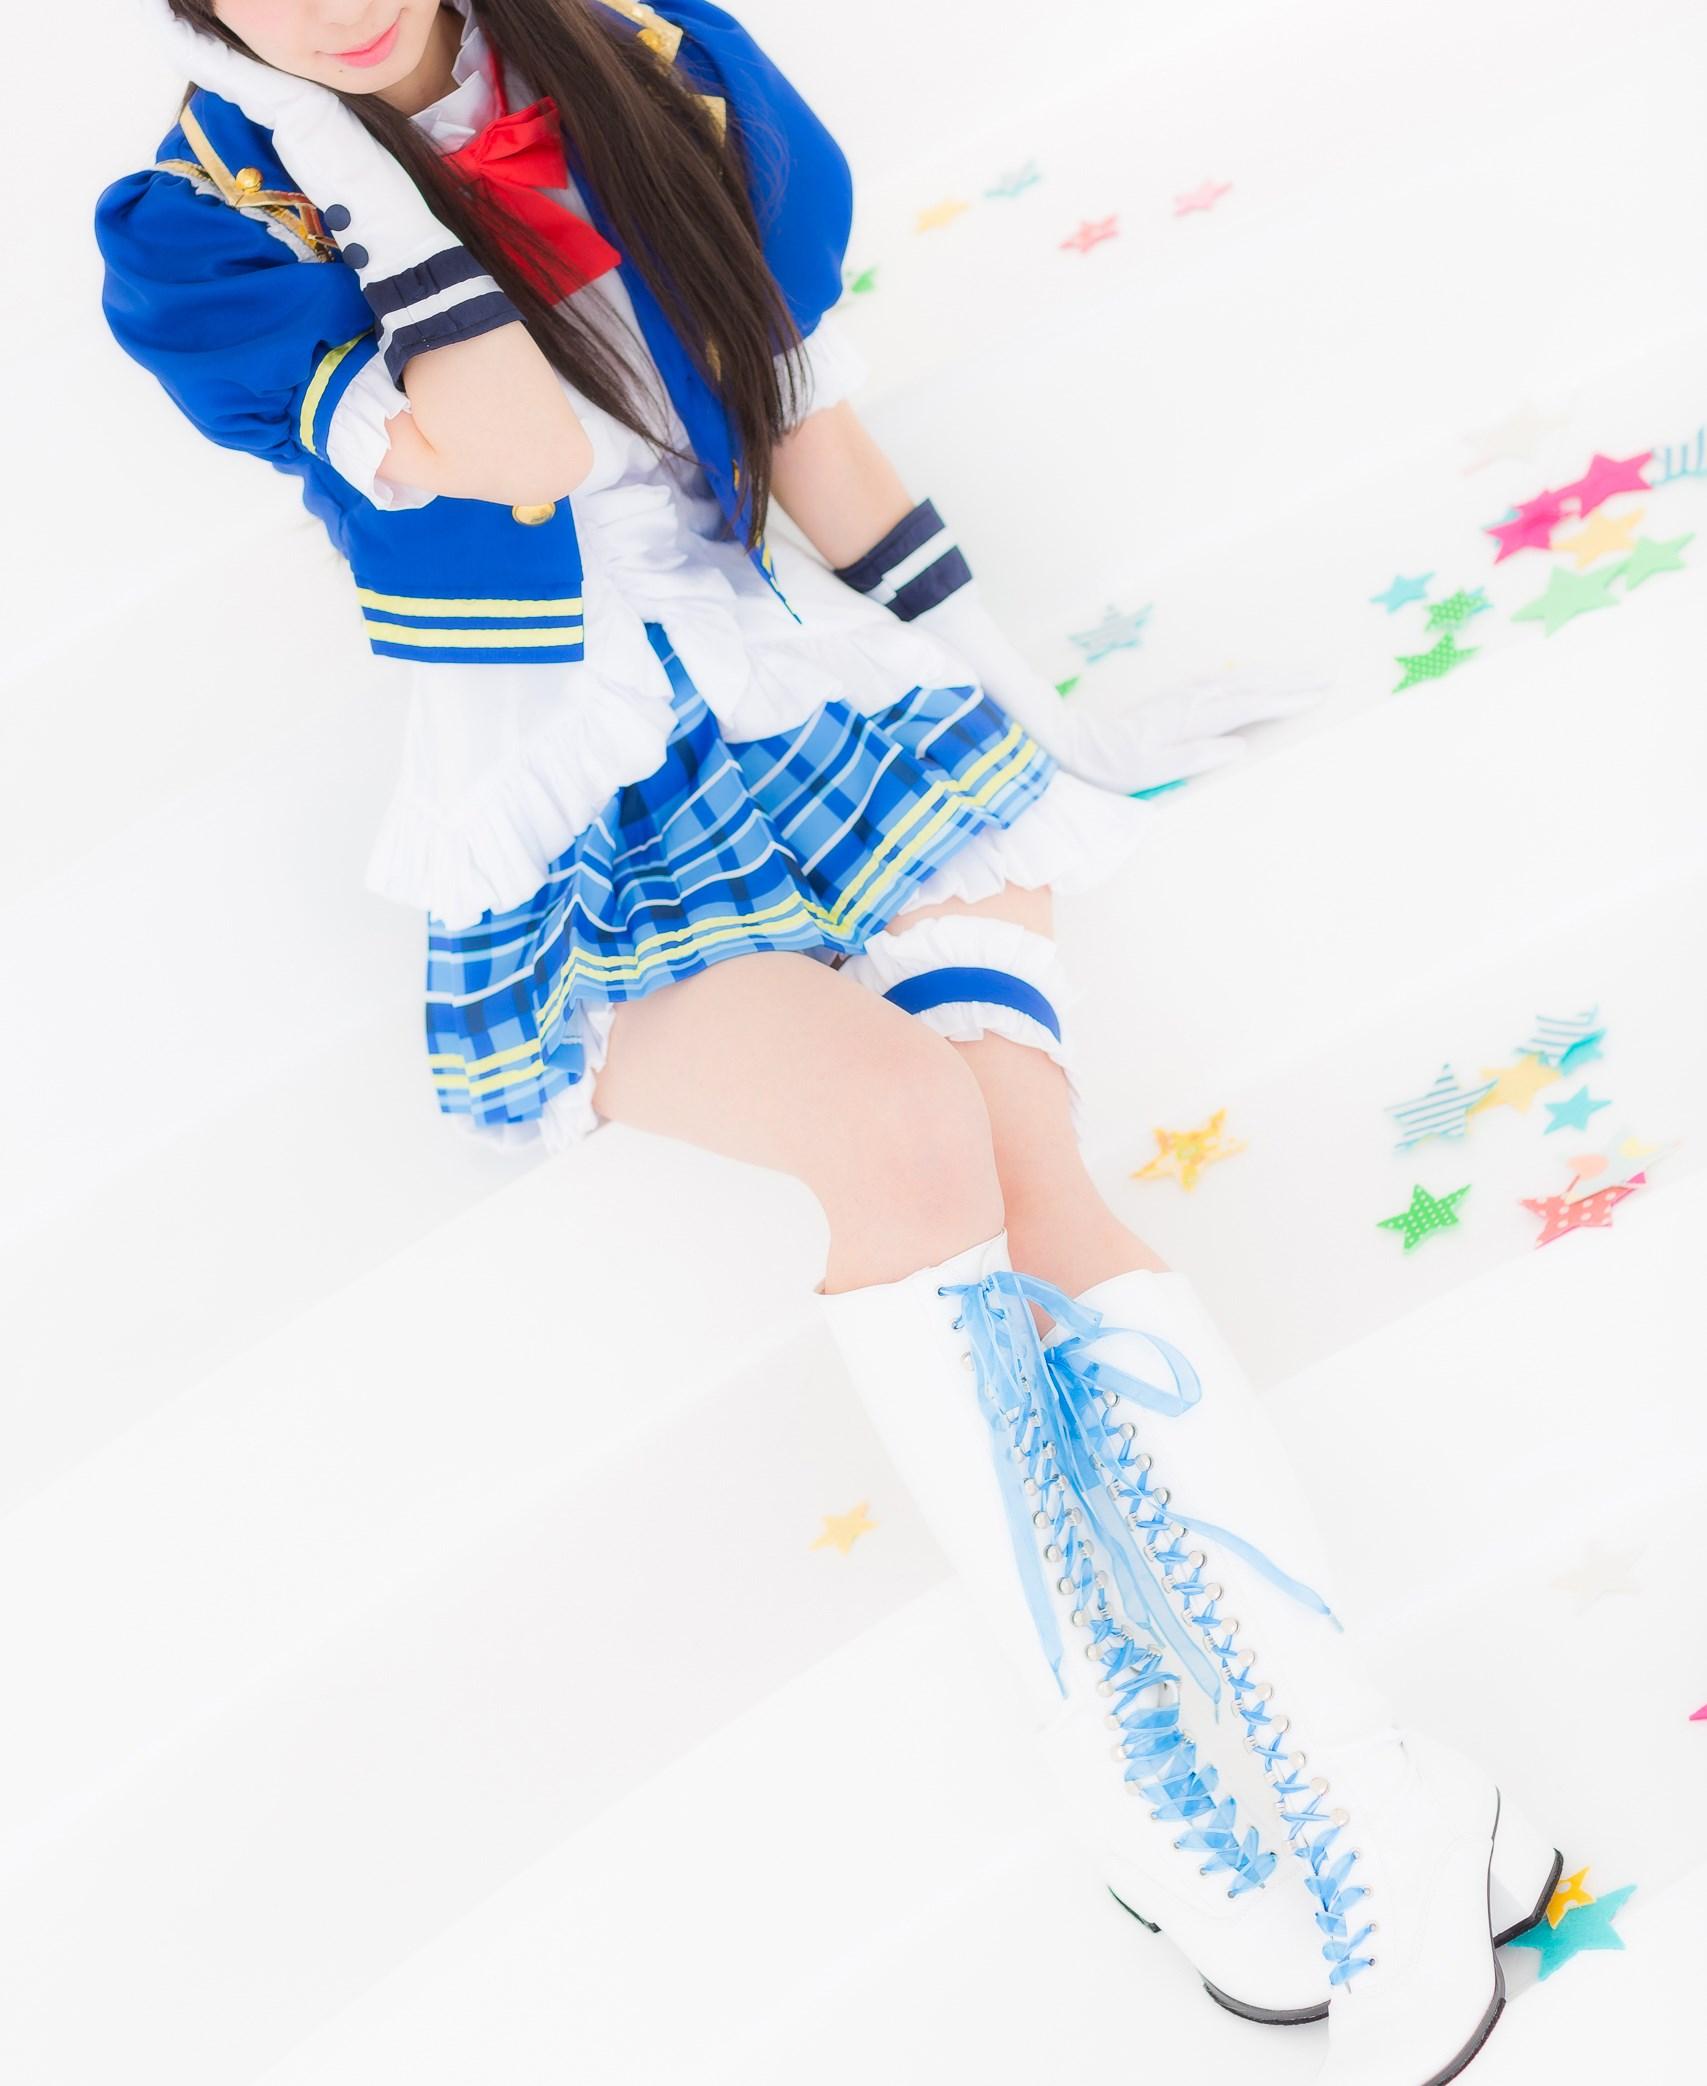 【兔玩映画】少女制服爱豆 兔玩映画 第42张